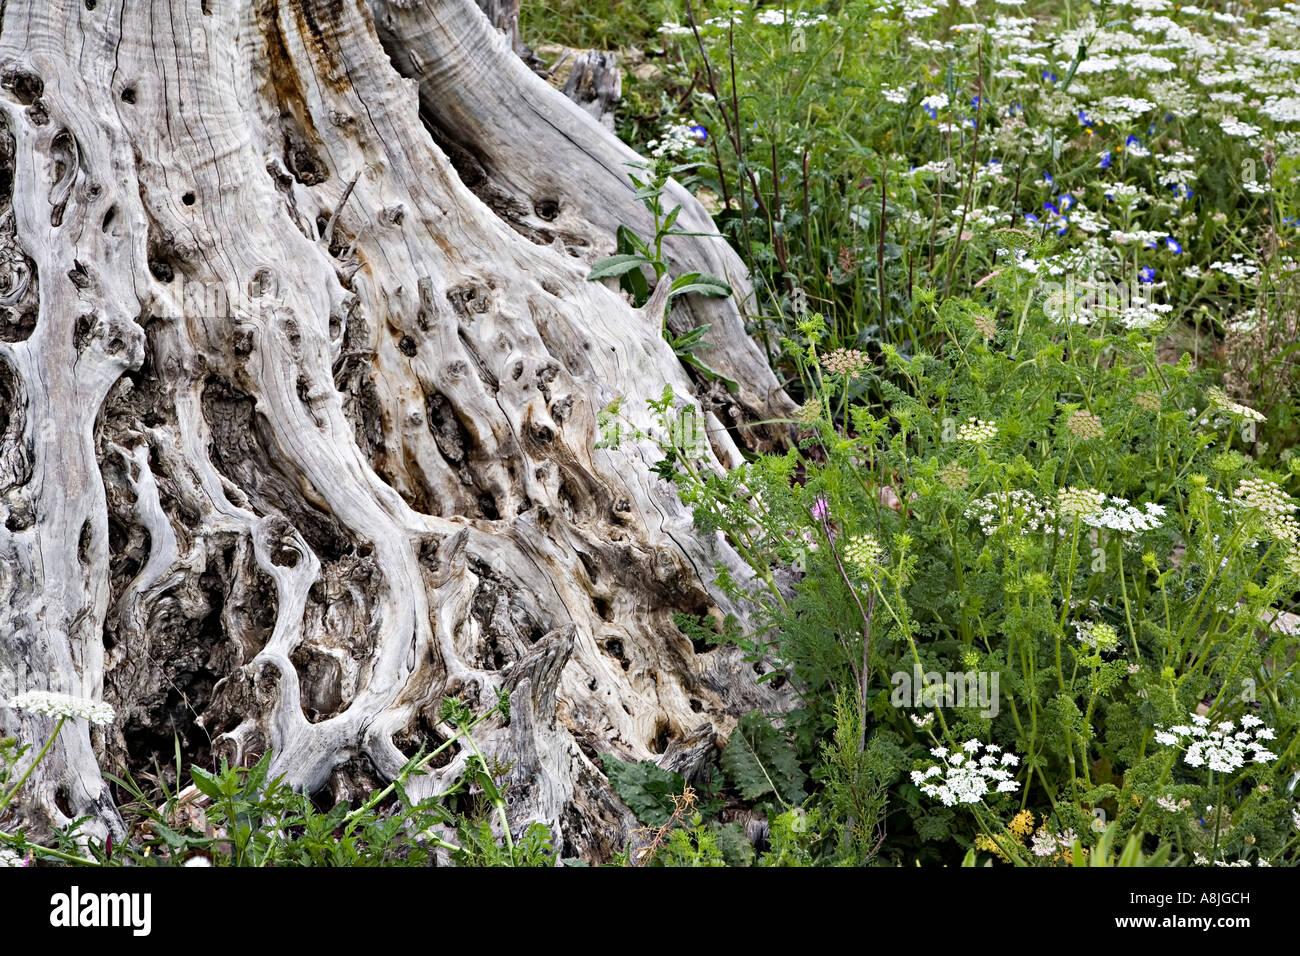 Dead Tree Stump In Field Of Wild Flowers Spain Europe